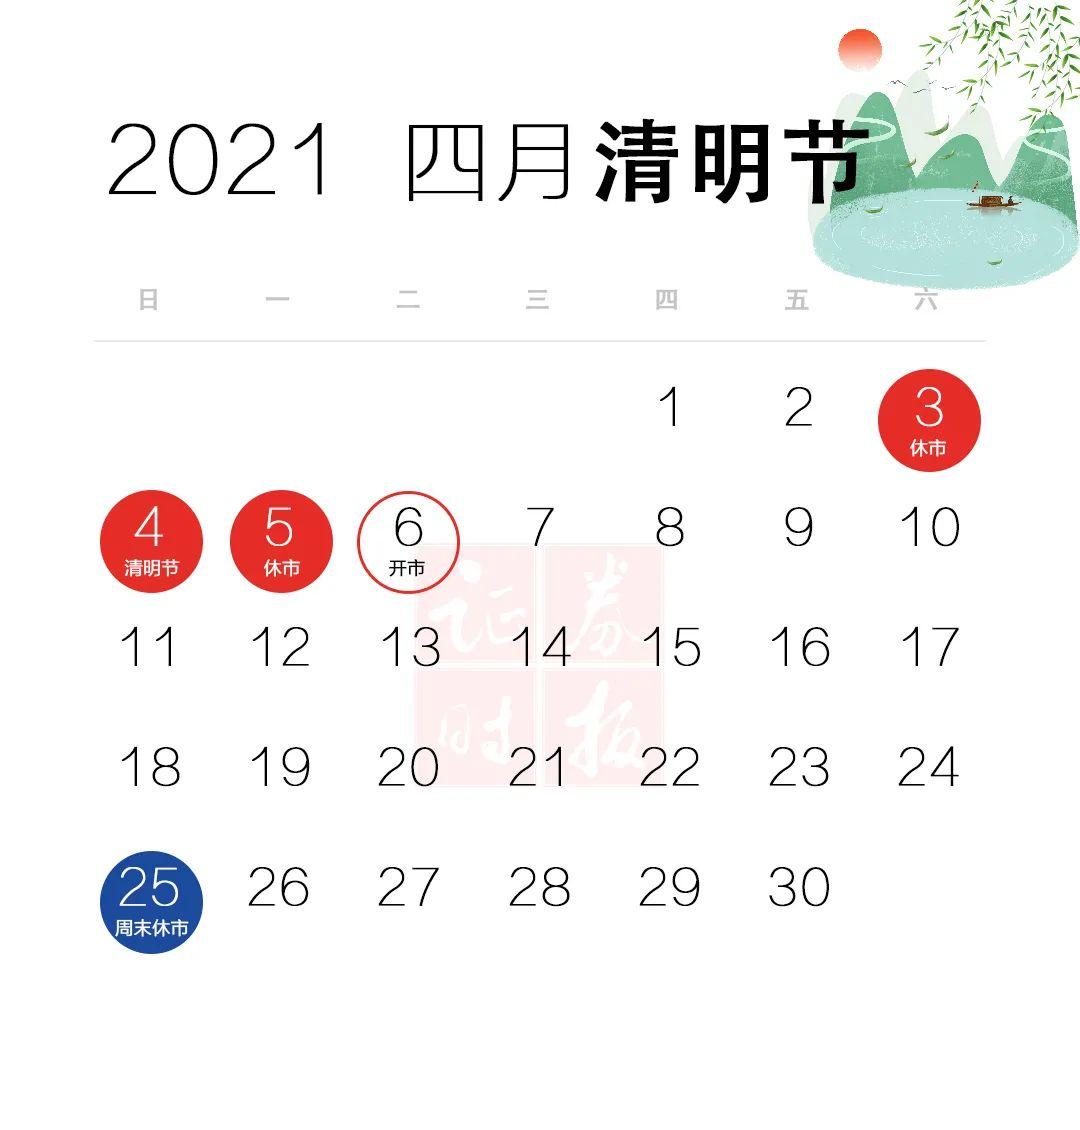 上交所深交所公告_2021股市放假日历出炉!速度收藏 _ 证券时报网